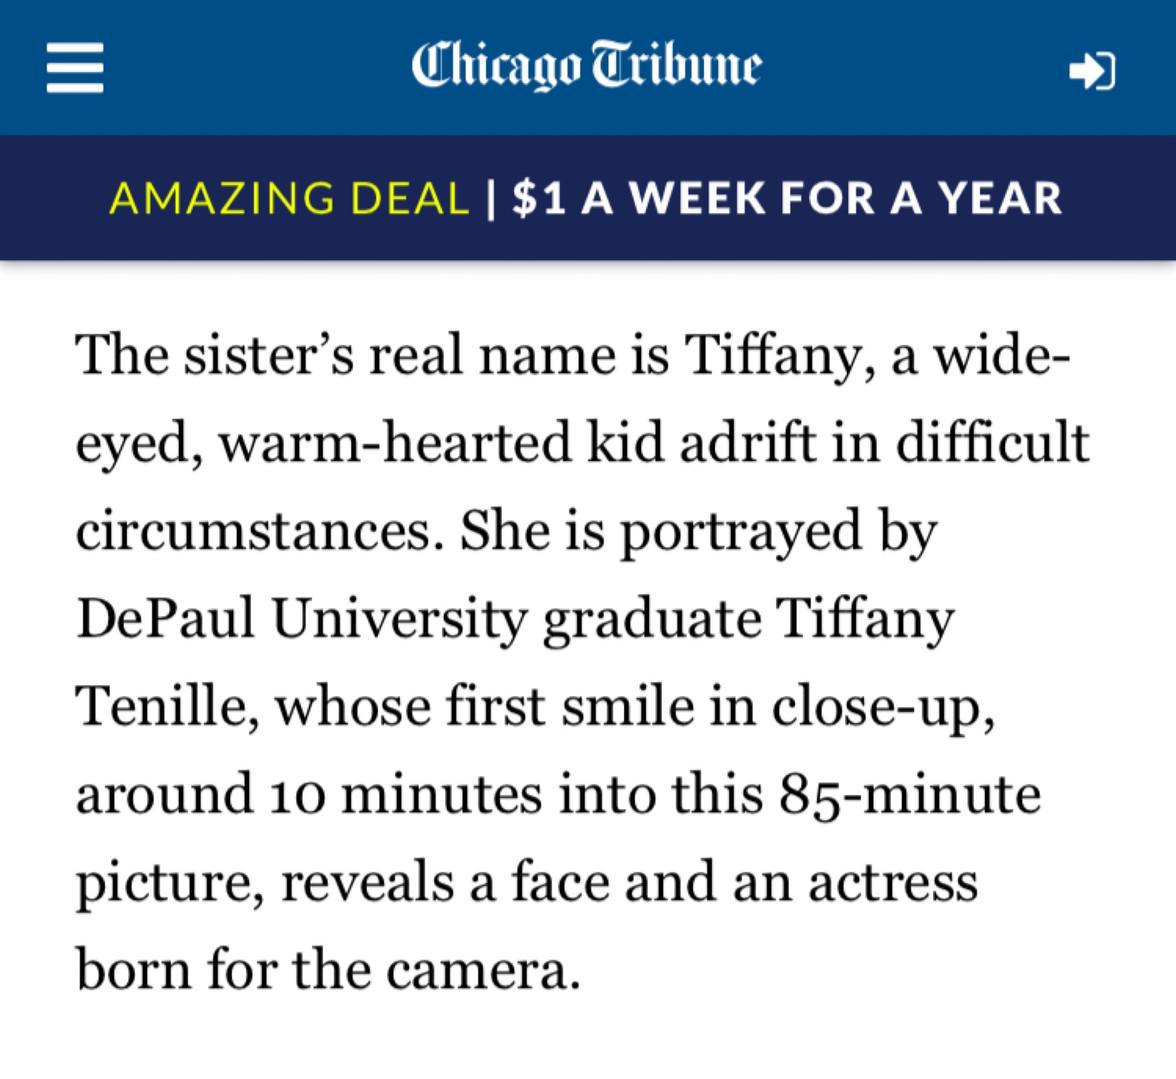 Tiffany Tenille Actress